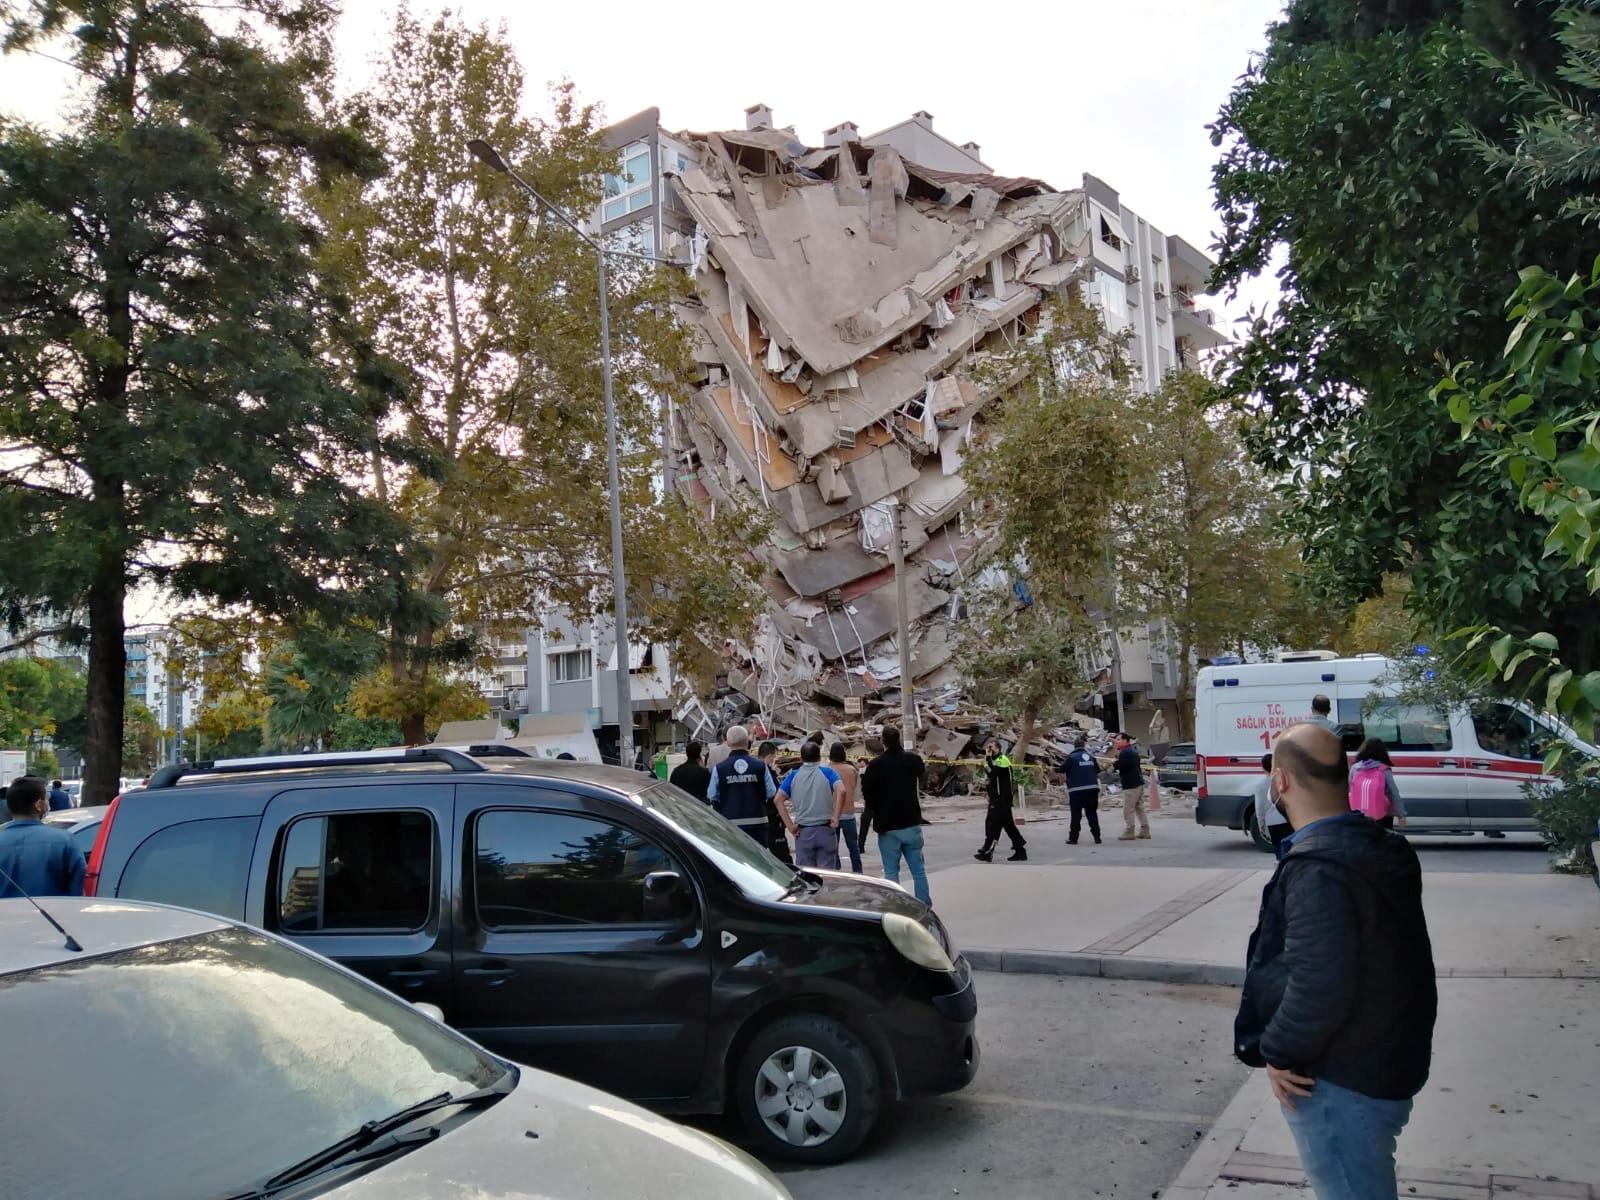 土耳其第三大城市伊兹米尔灾情惨重,多处建筑物倒塌,不少民众受困瓦砾下。-路透社-